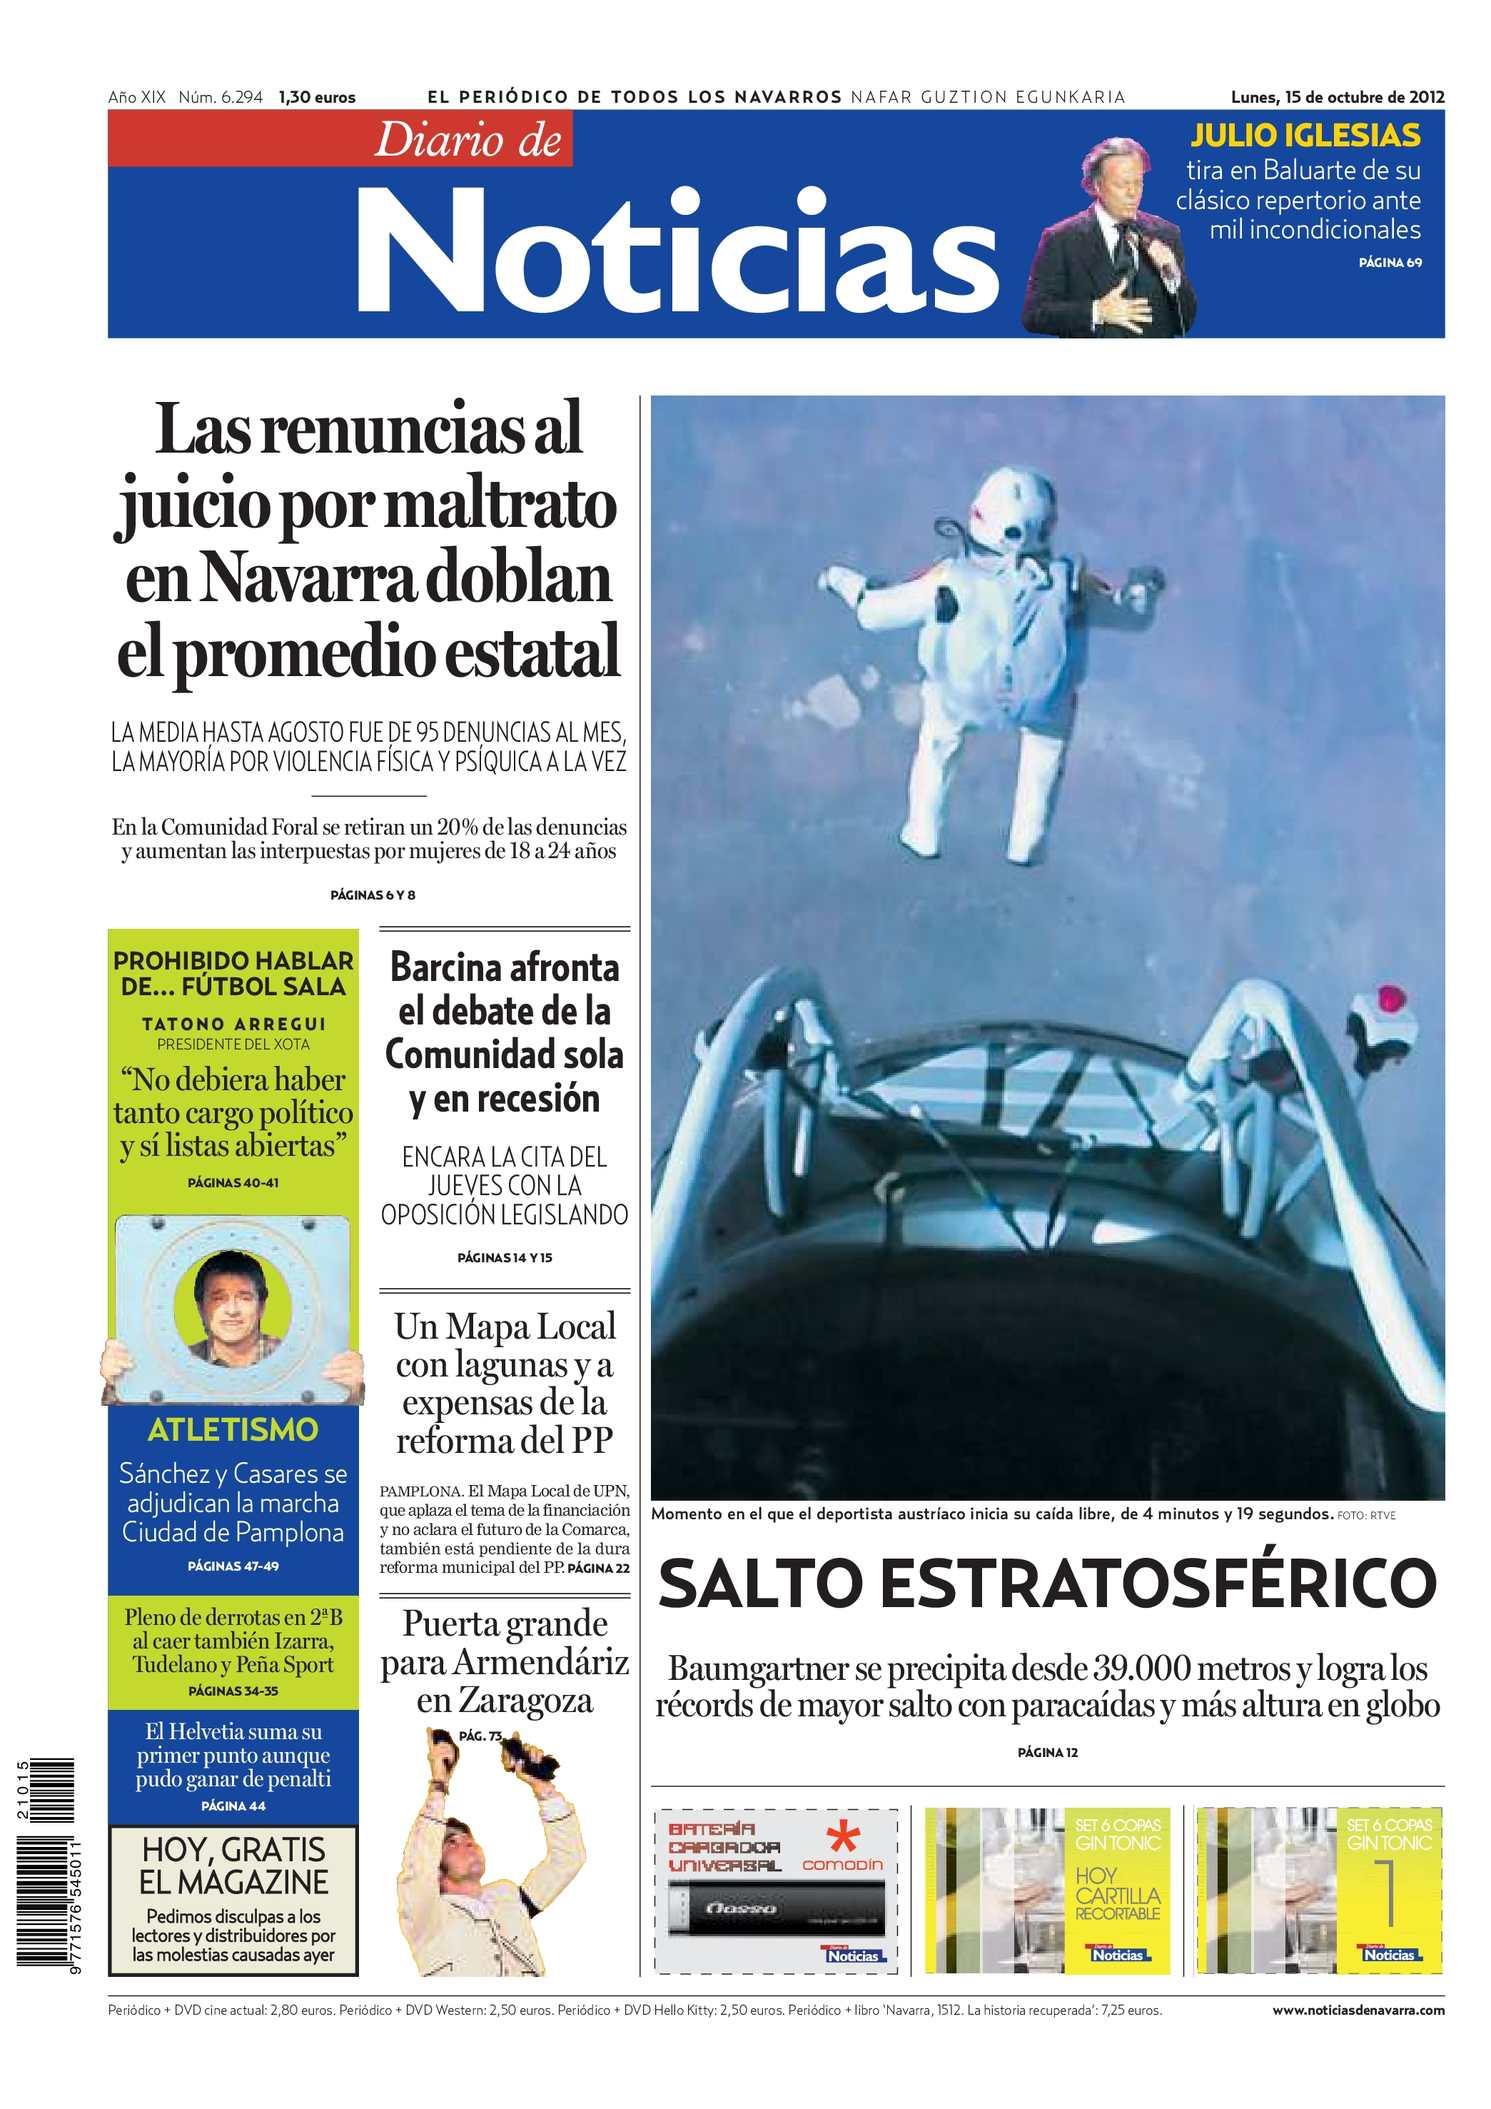 bbb86f3eafe6 Calaméo - Diario de Noticias 20121015